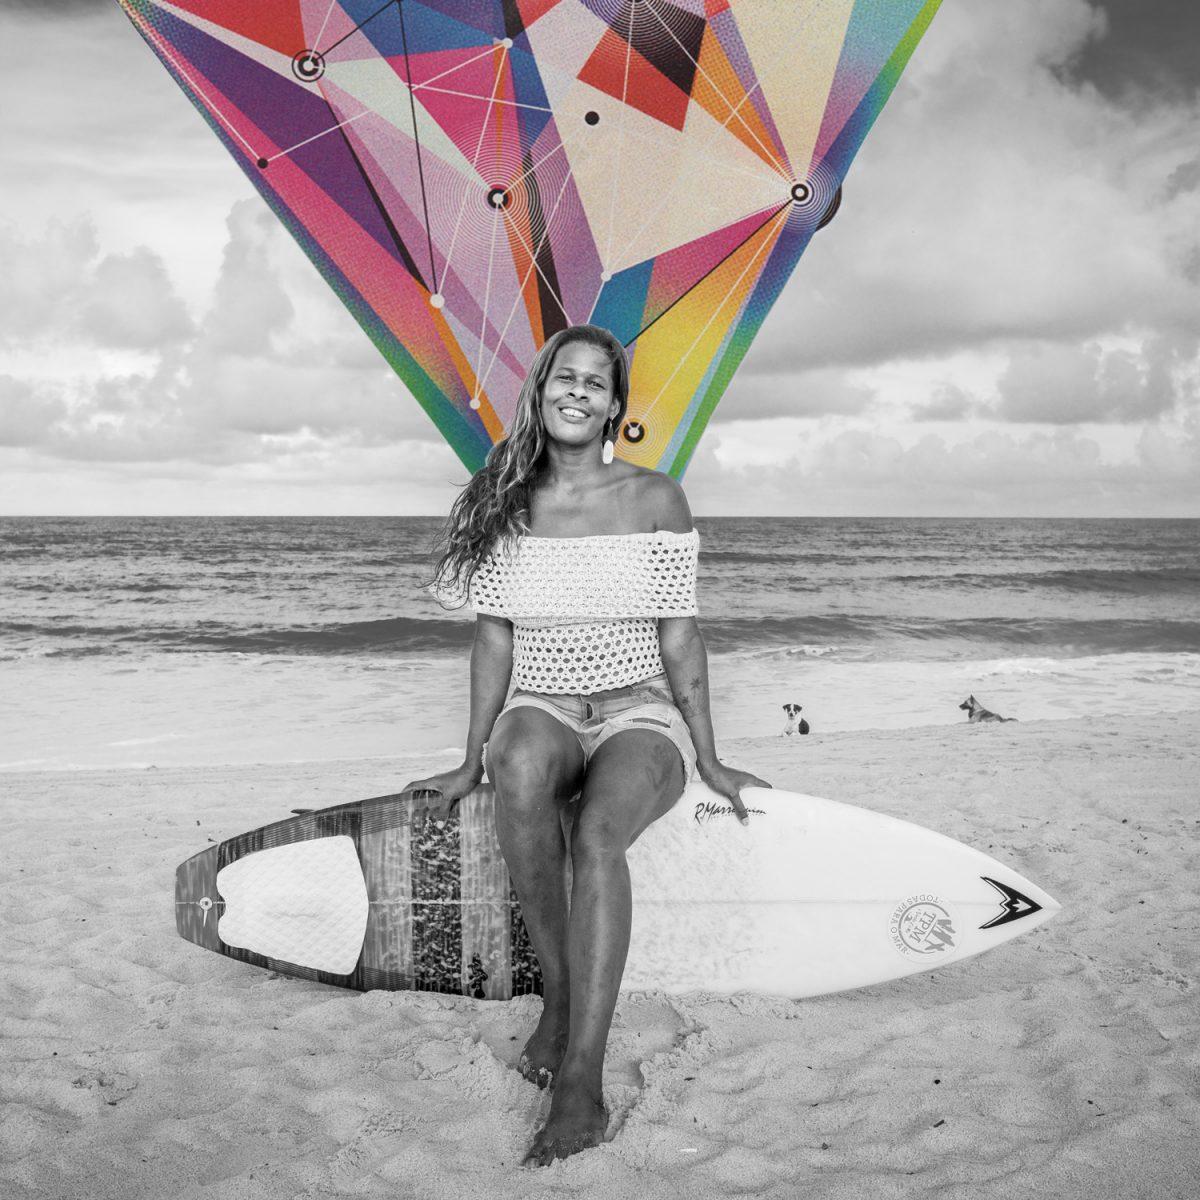 Surfista Nuala Costa sentada sobre prancha de surf na areia de Maracaípe em foto pb de Edvaldo Medeiros